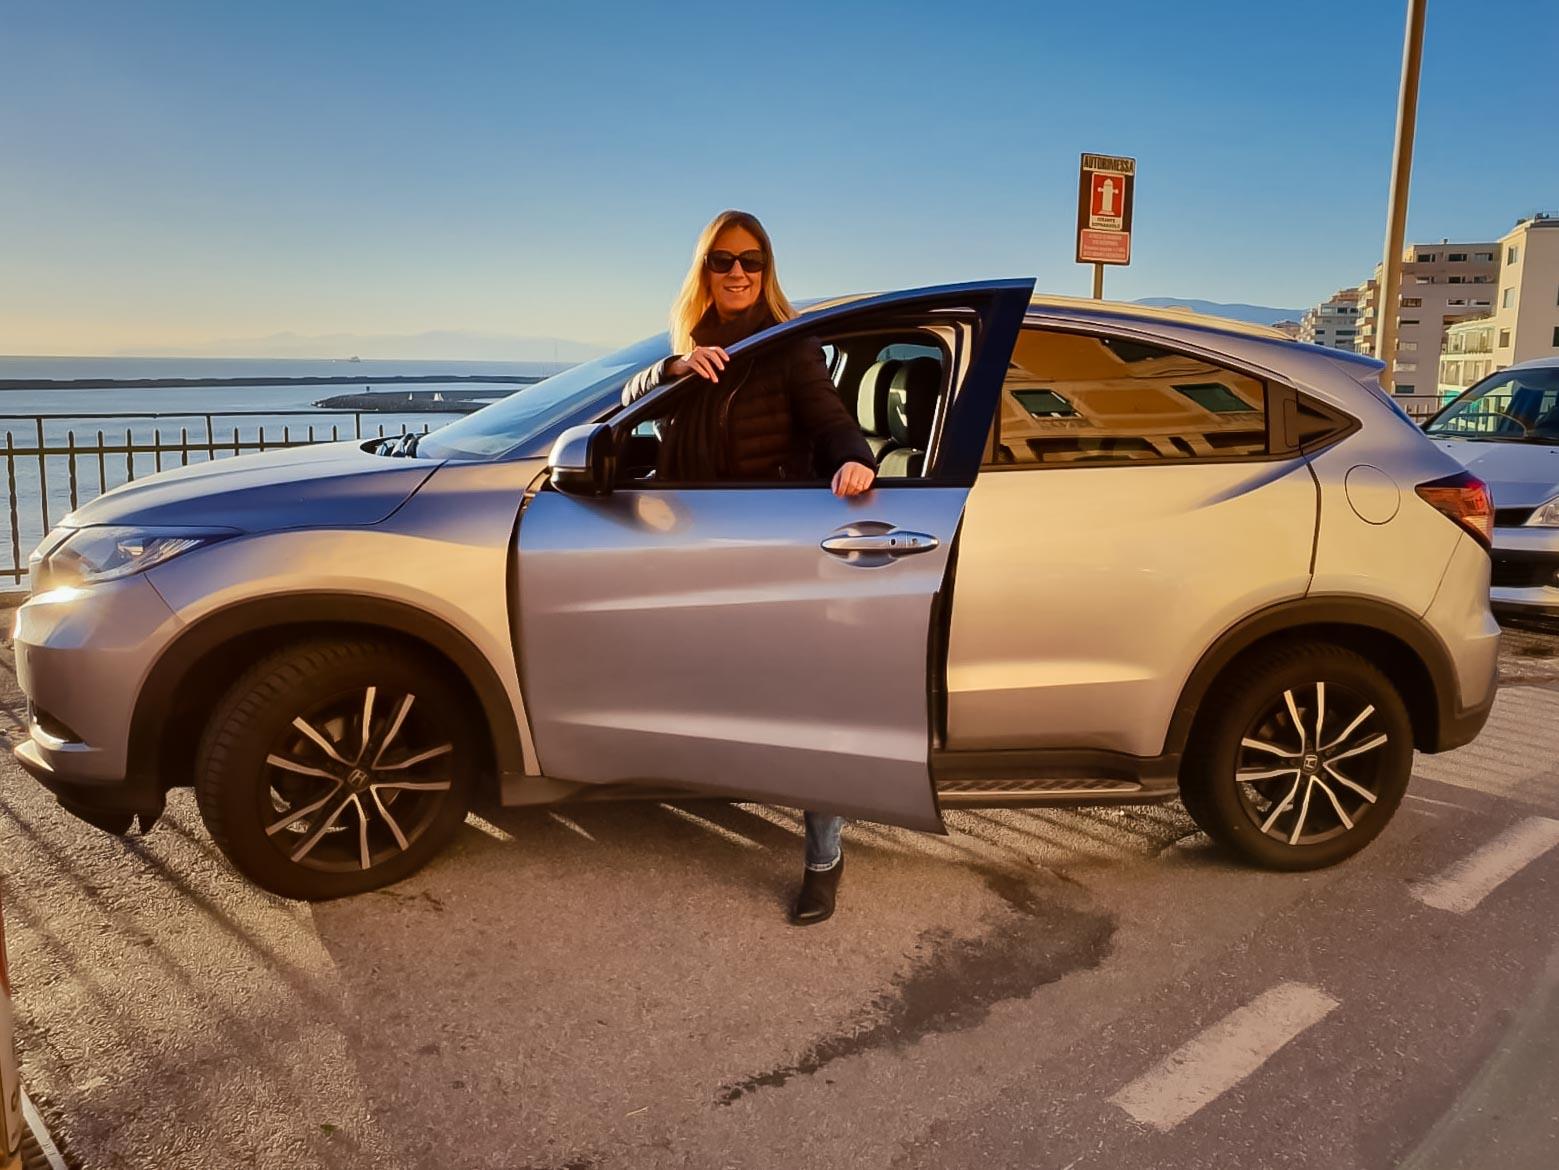 Consigli per scegliere autonoleggio - In viaggio con Monica